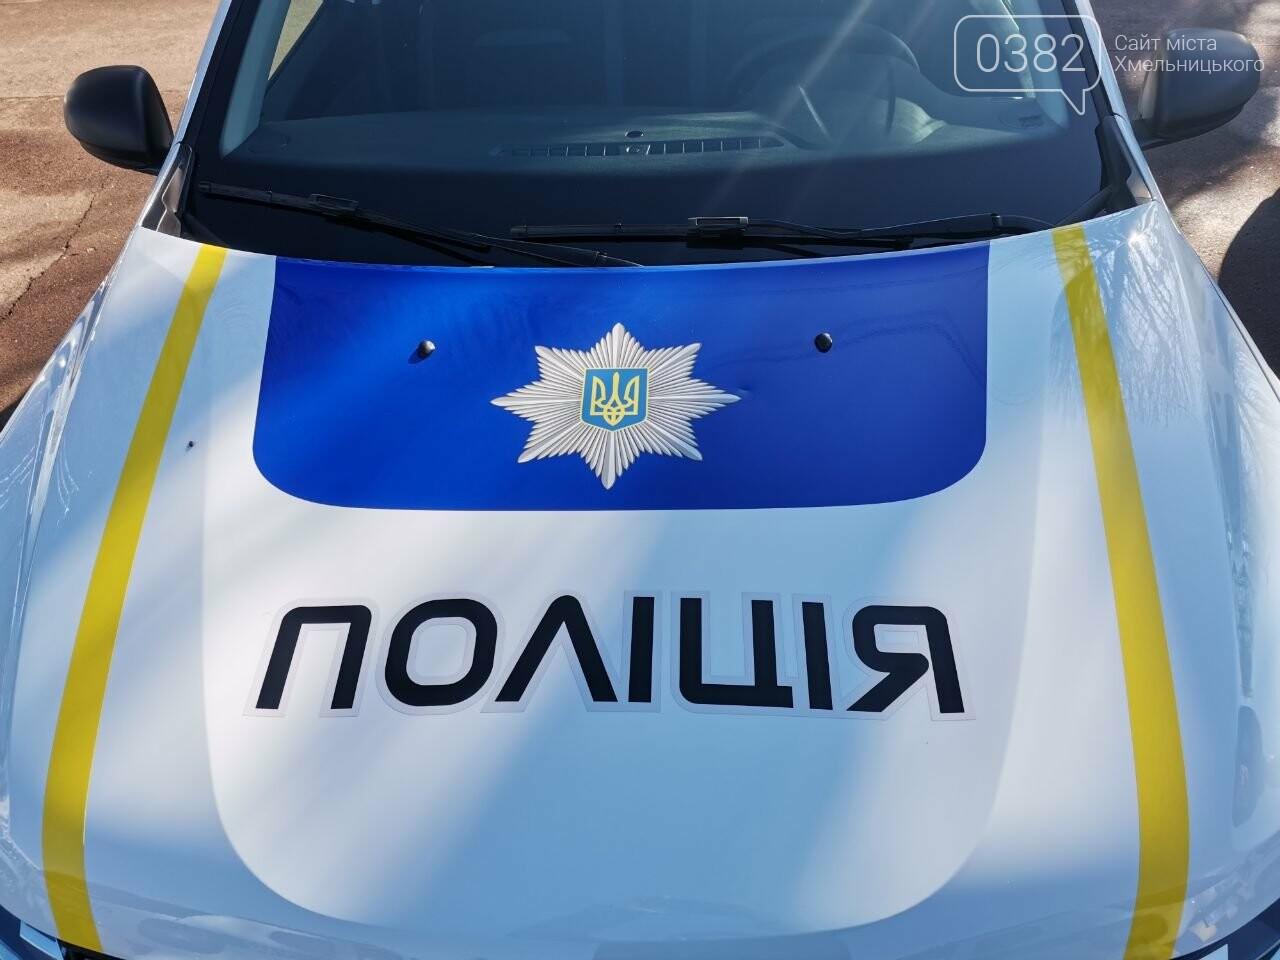 Хмельниччині вручили 43 поліцейських авто Renault Duster, фото-6